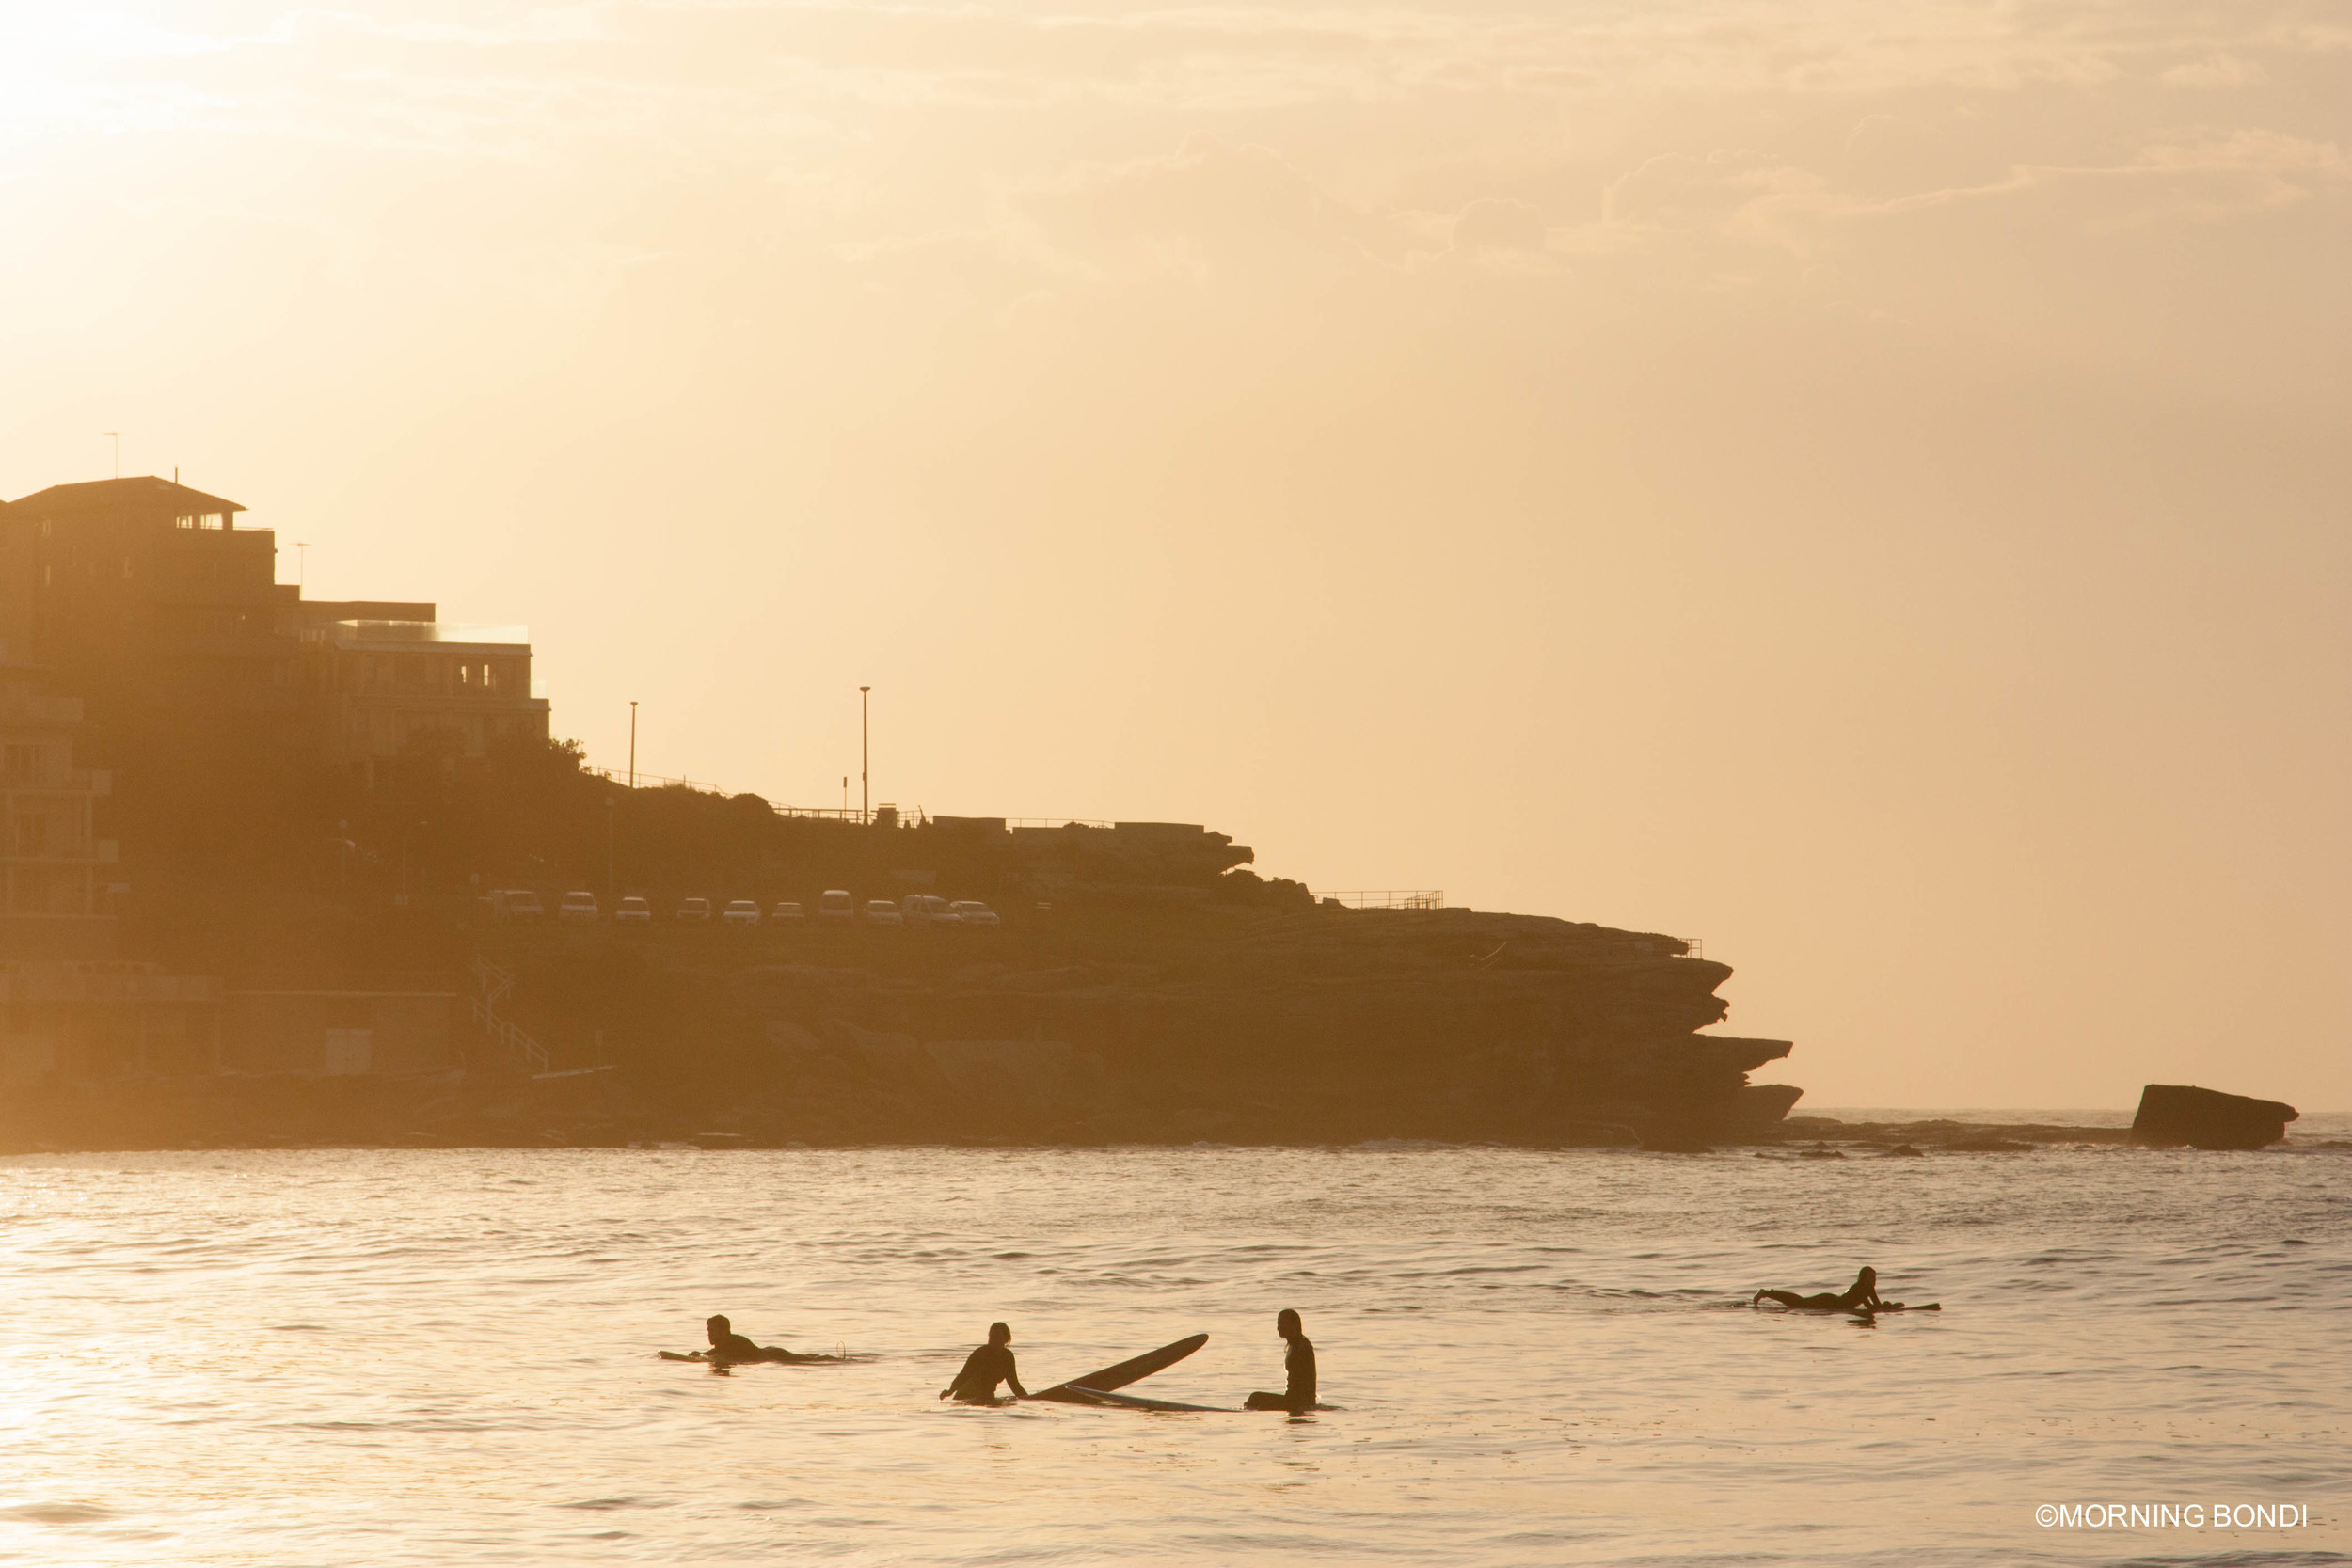 Sunrise surf sesh